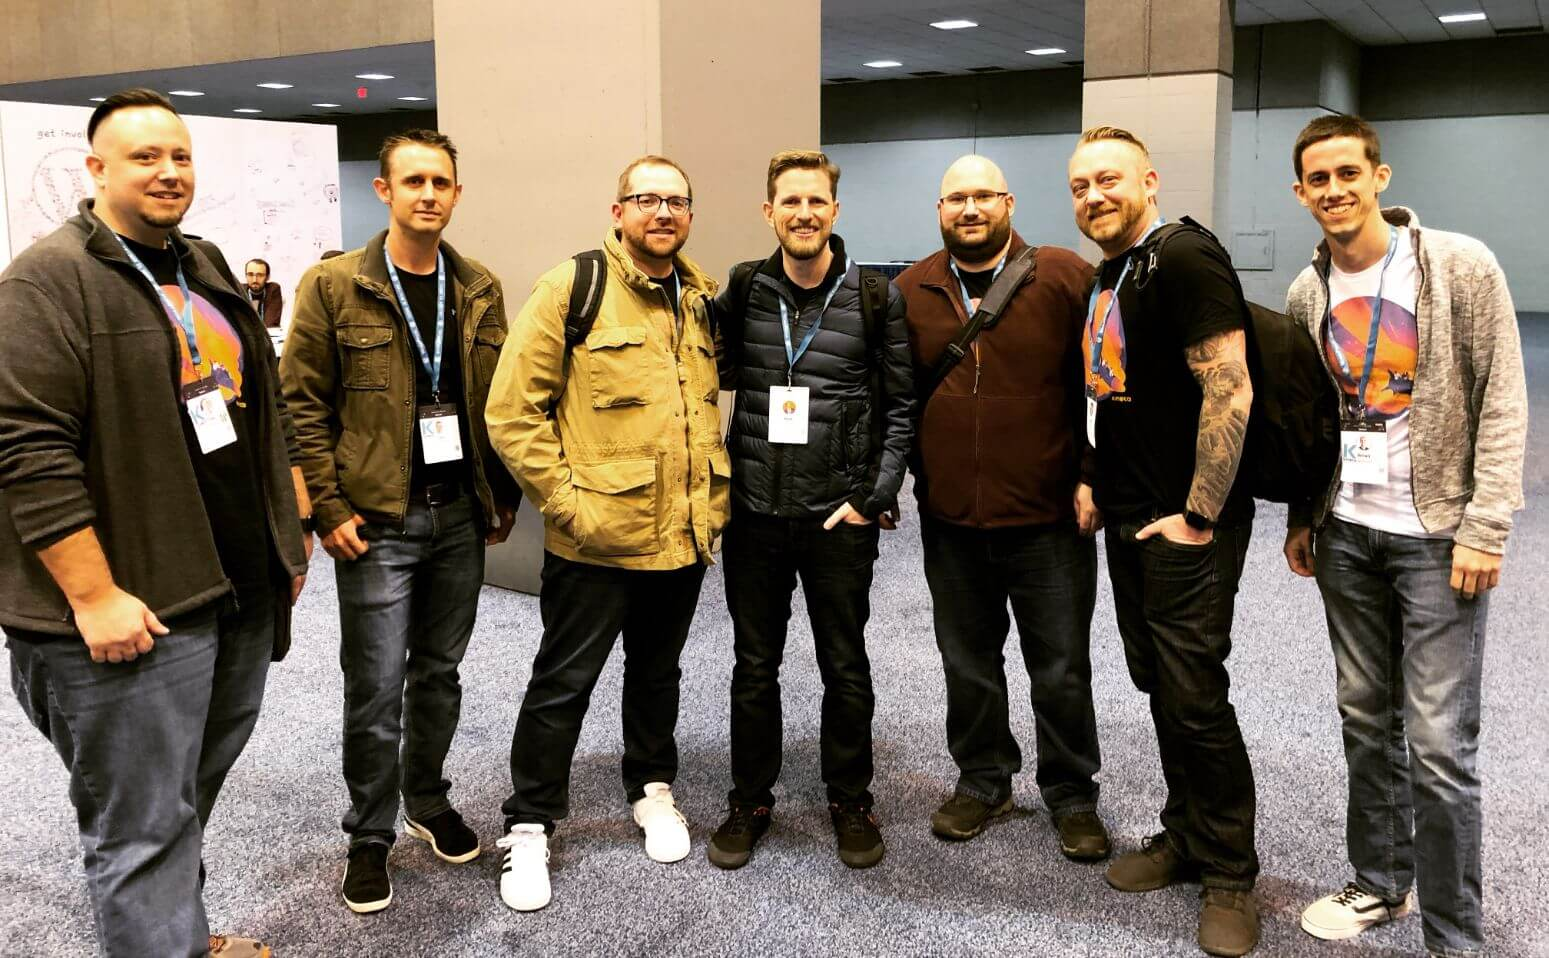 Het Kinsta team bij met Matt Mullenweg bij WordCamp US